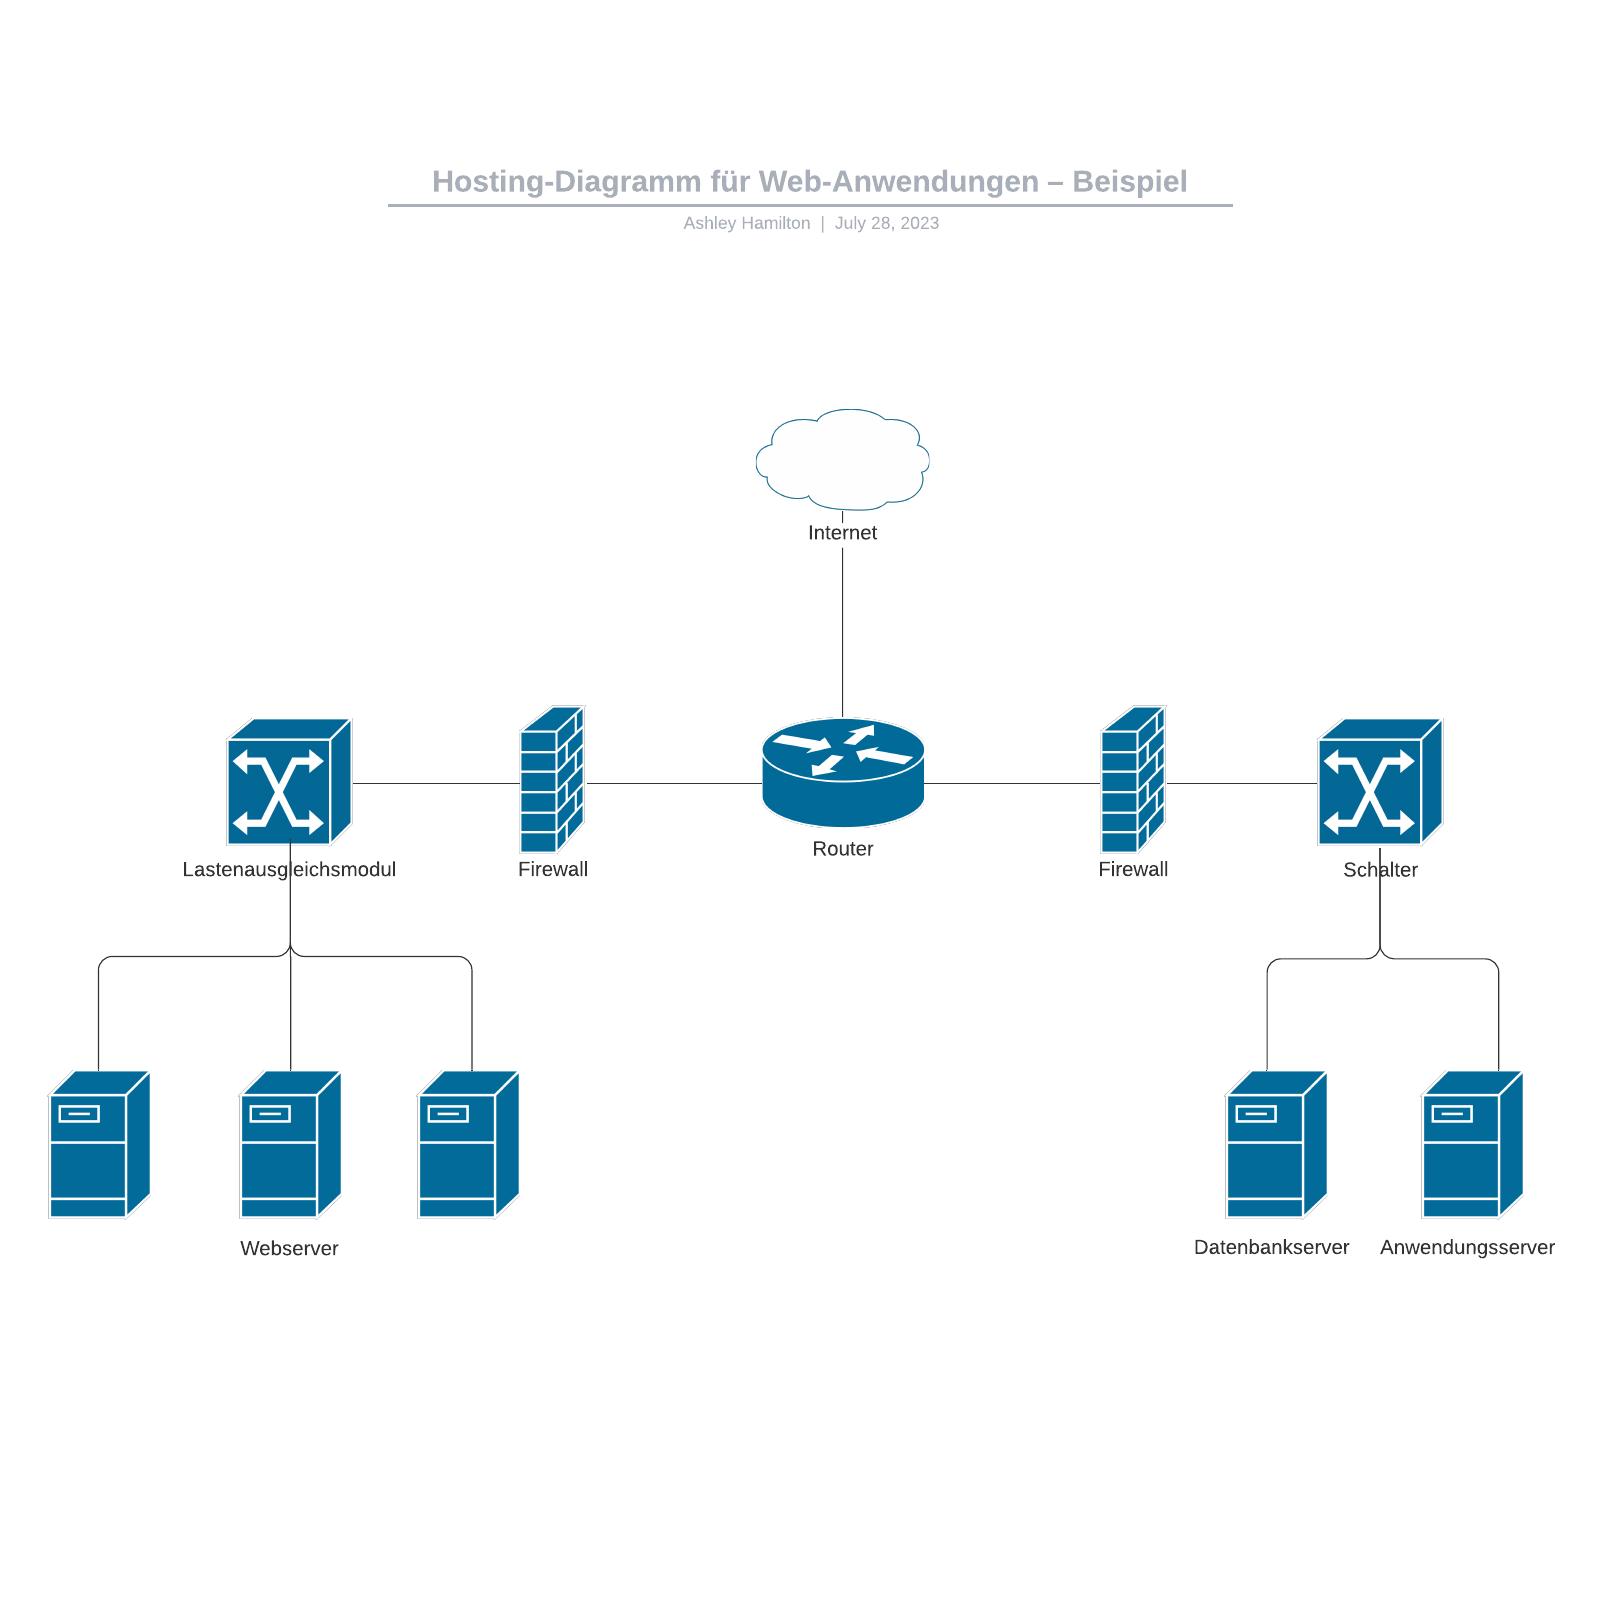 Hosting-Diagramm für Web-Anwendungen – Beispiel